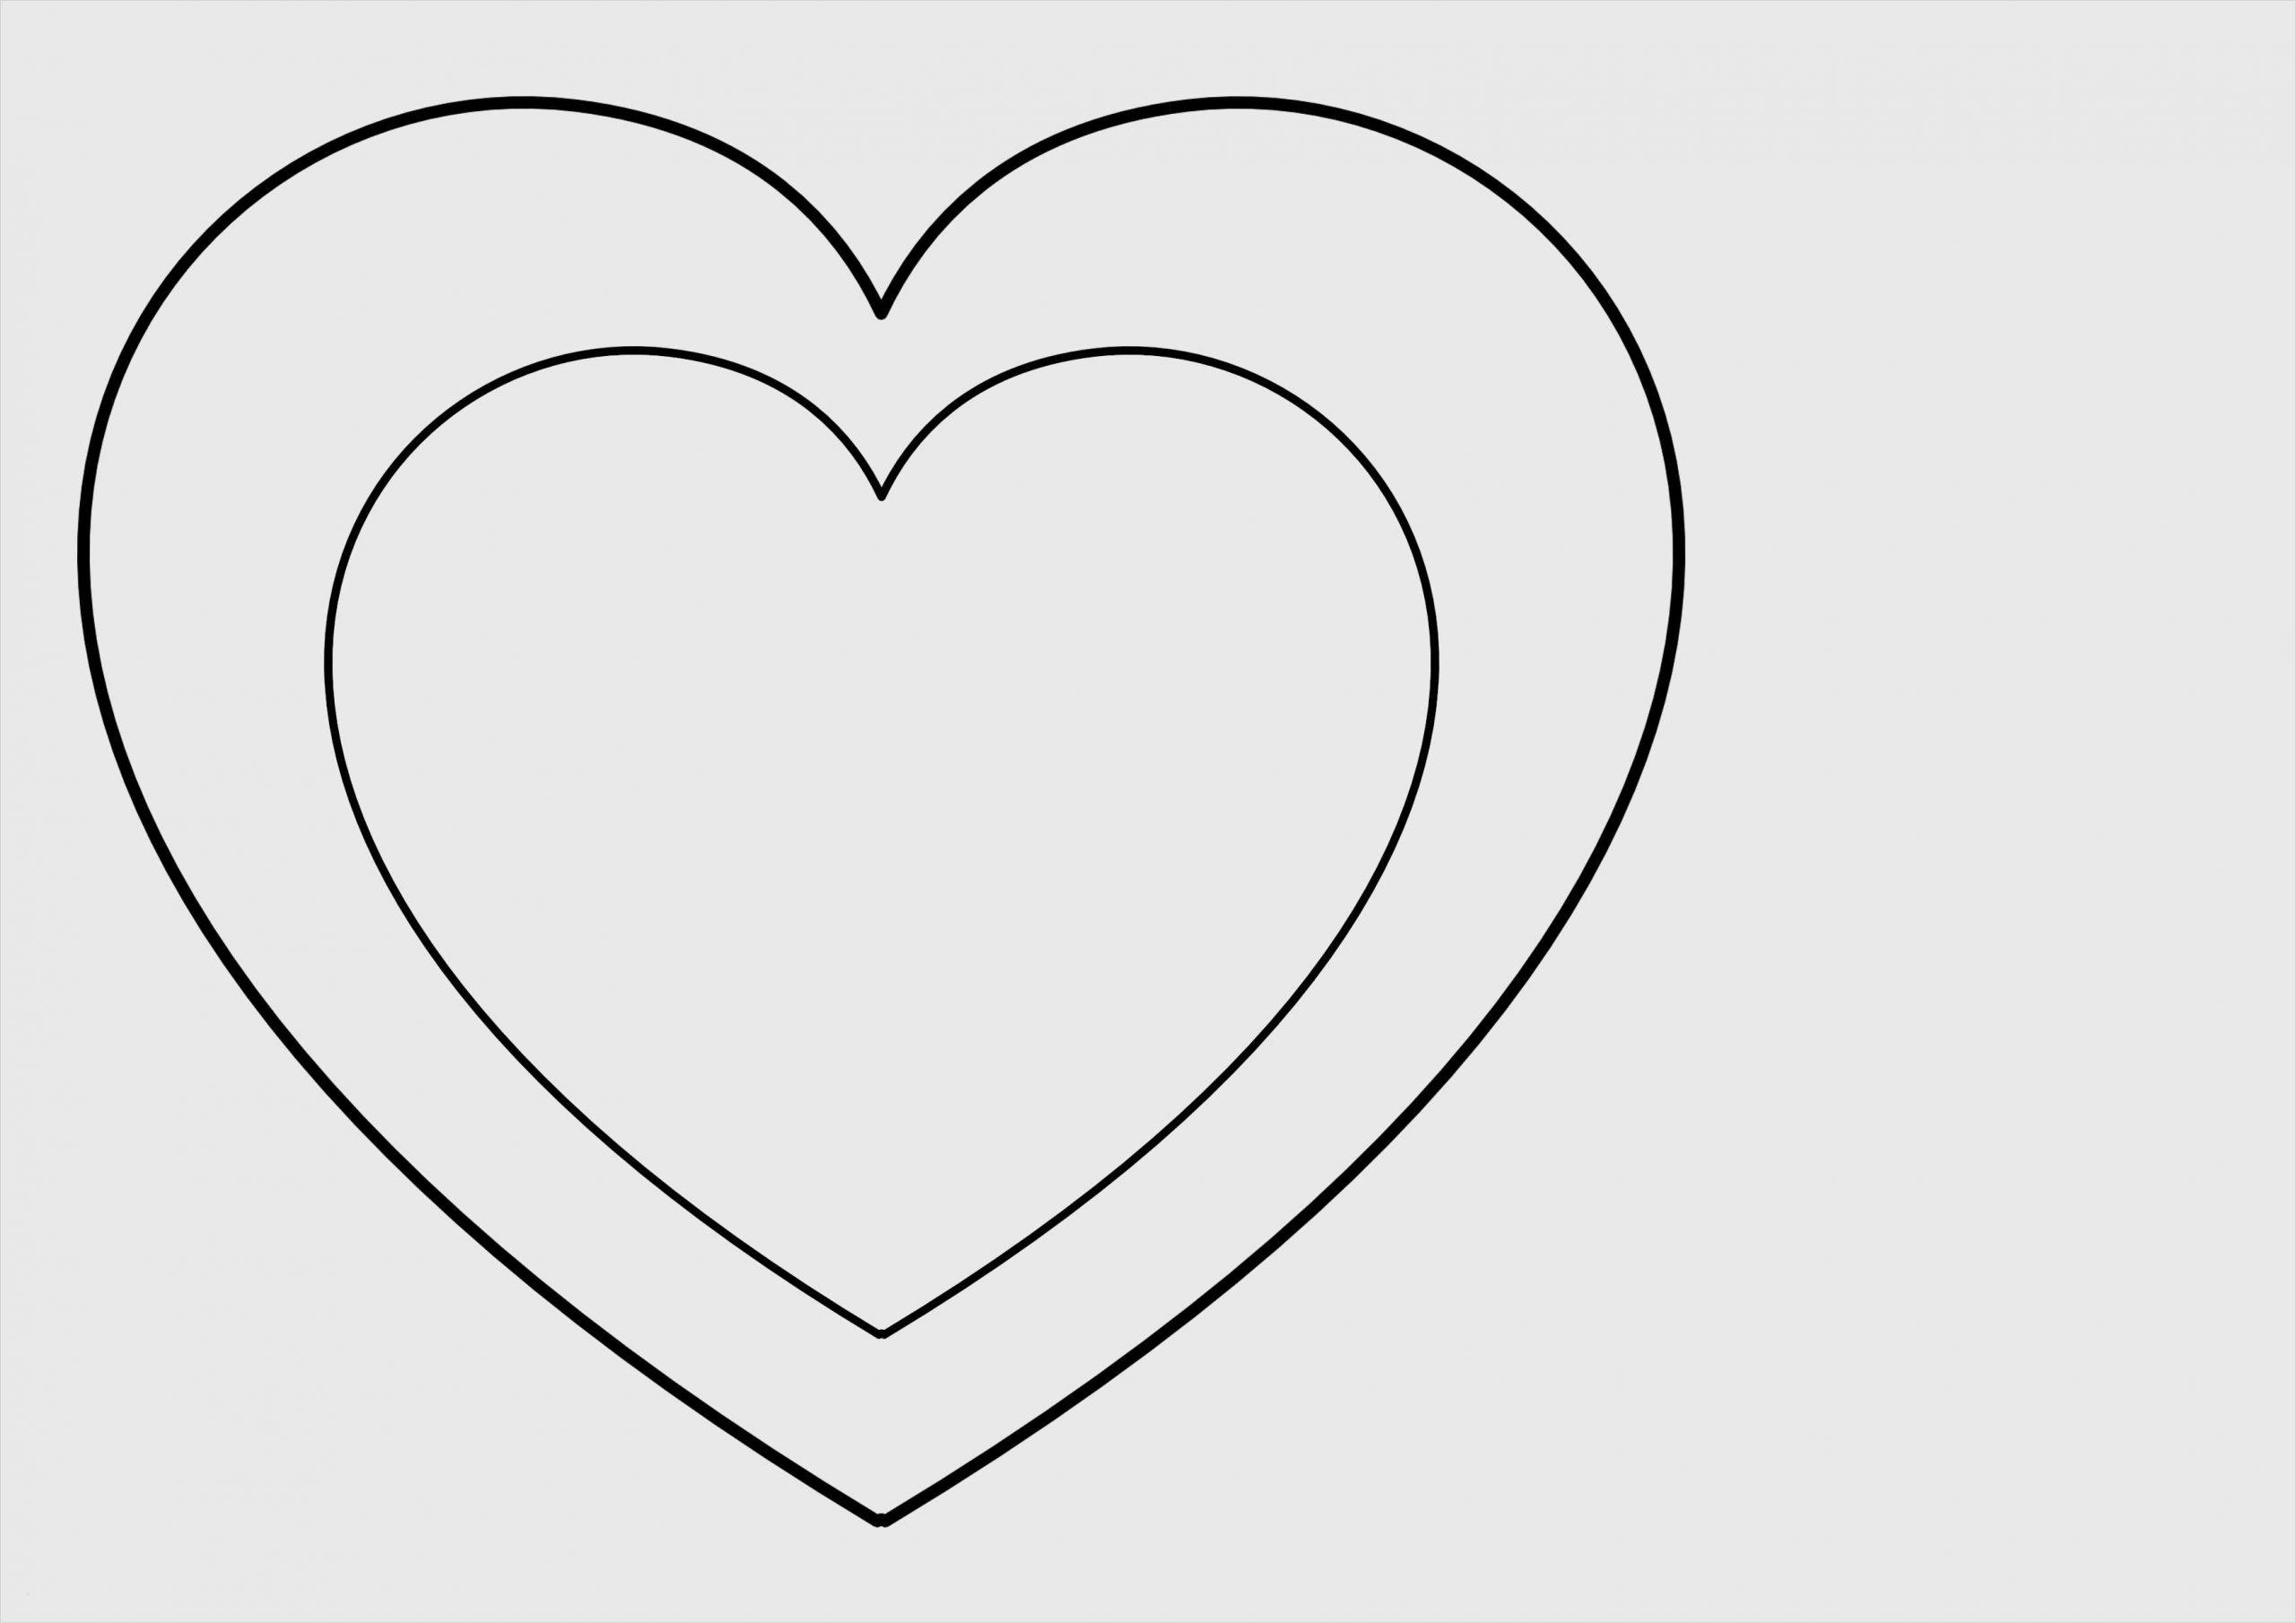 19 Angenehm Herz Vorlage Din A4 Zum Ausdrucken Solche Können innen Herz Vorlagen Zum Ausdrucken